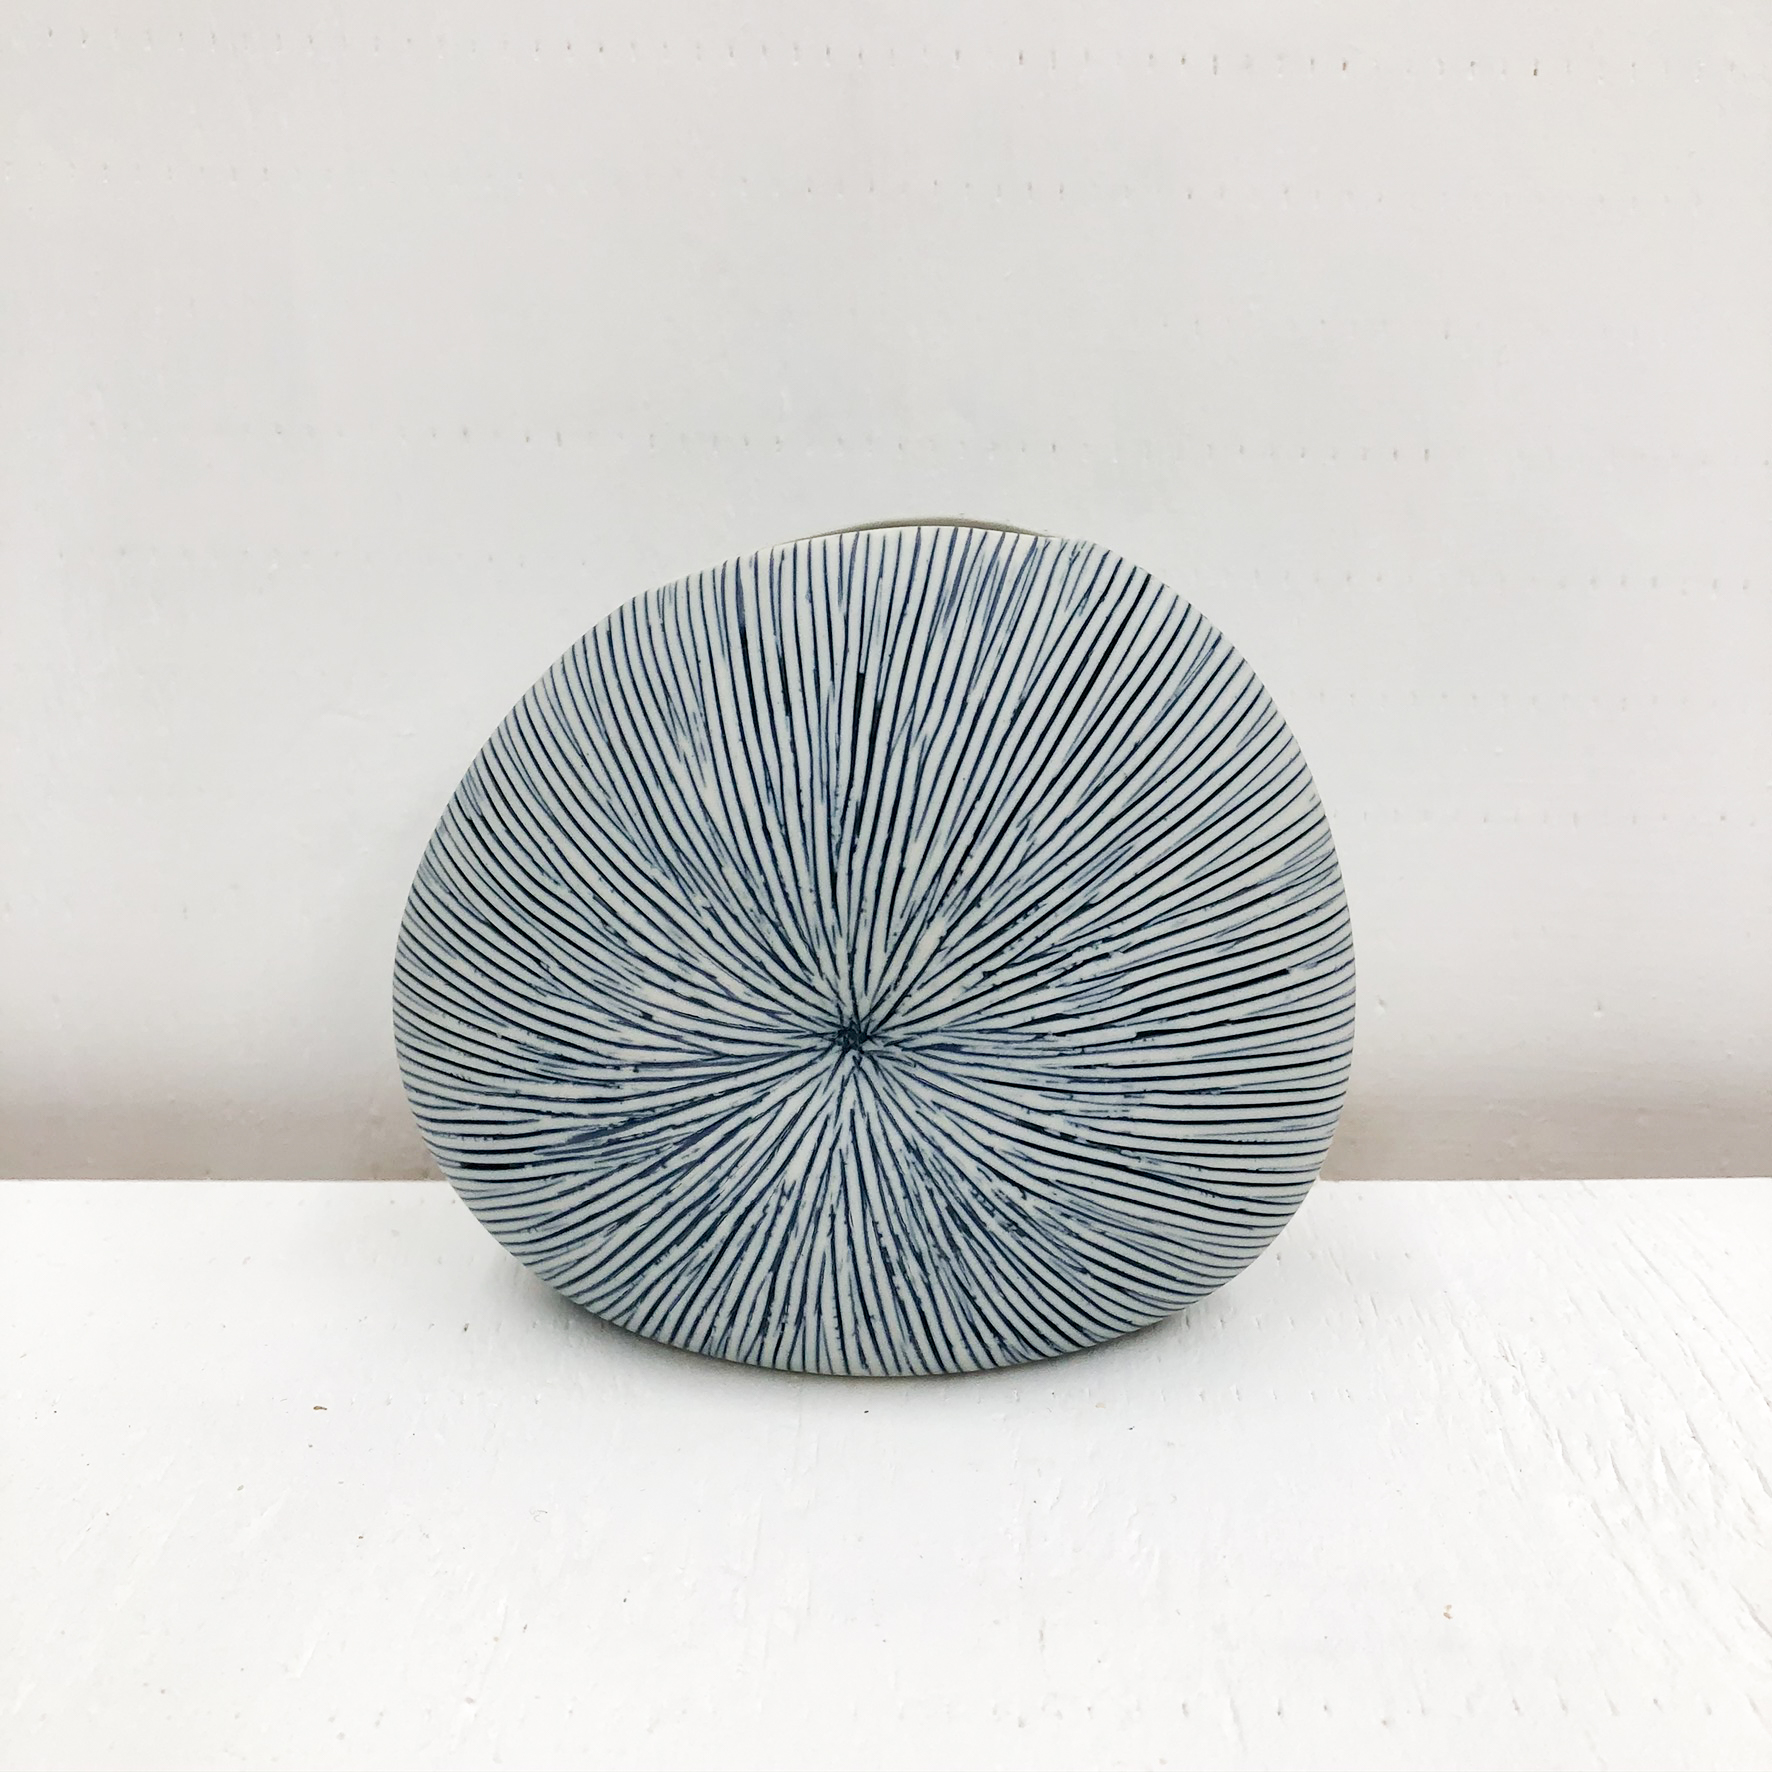 Diva Round Mini S Handmade Vase empty - Blue/White